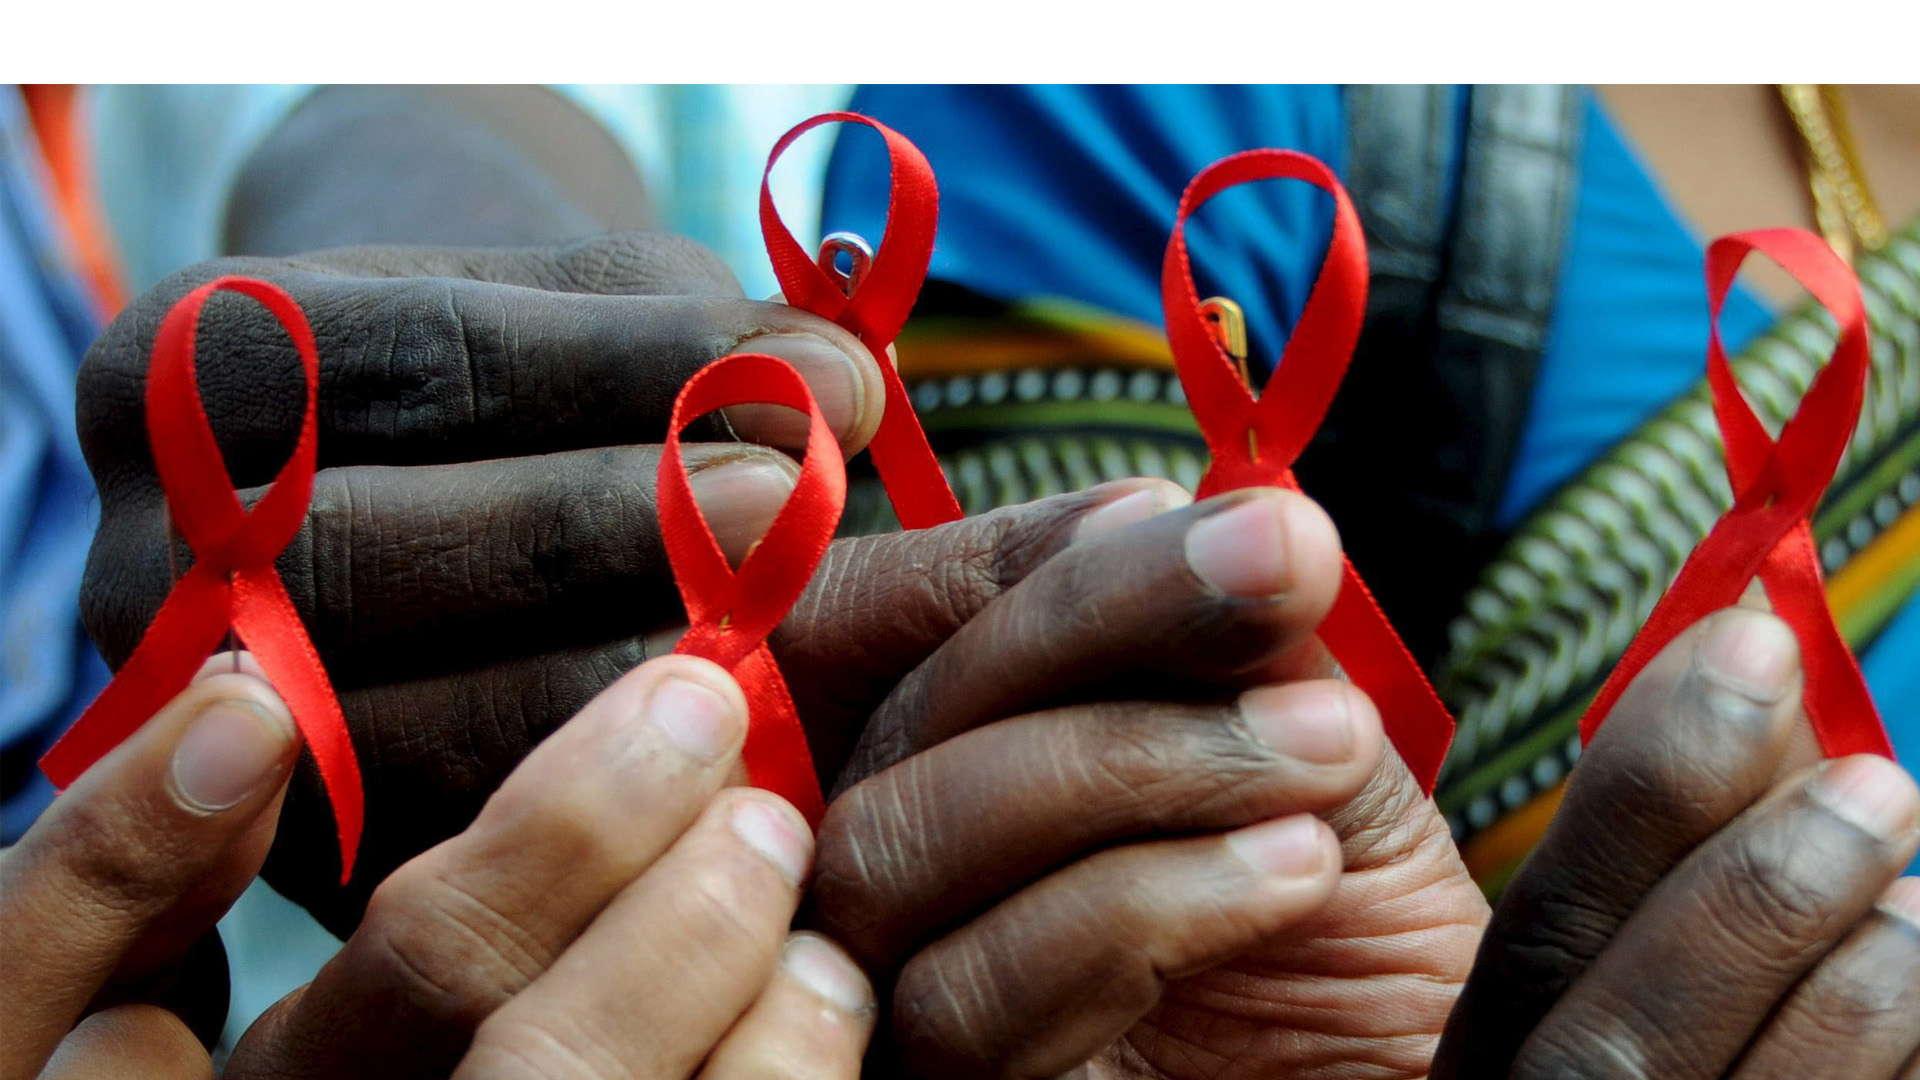 Un nuevo estudio asegura que el virus puede aislarse en varios tejidos y resistir los antiretrovirales